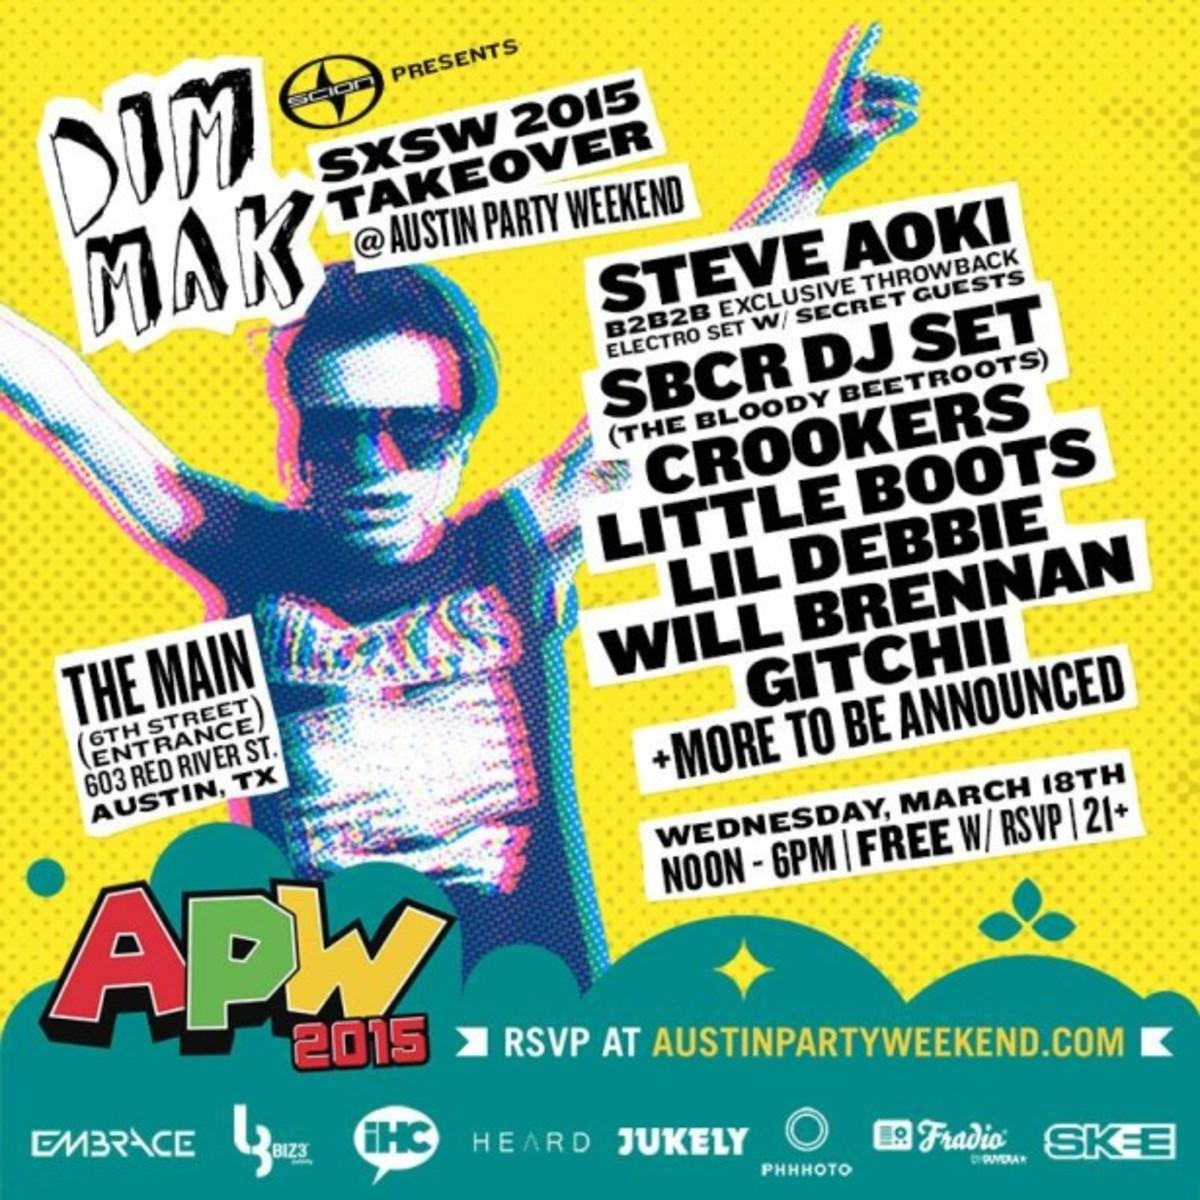 Steve Aoki To Play Free Throwback Electro Set At SXSW